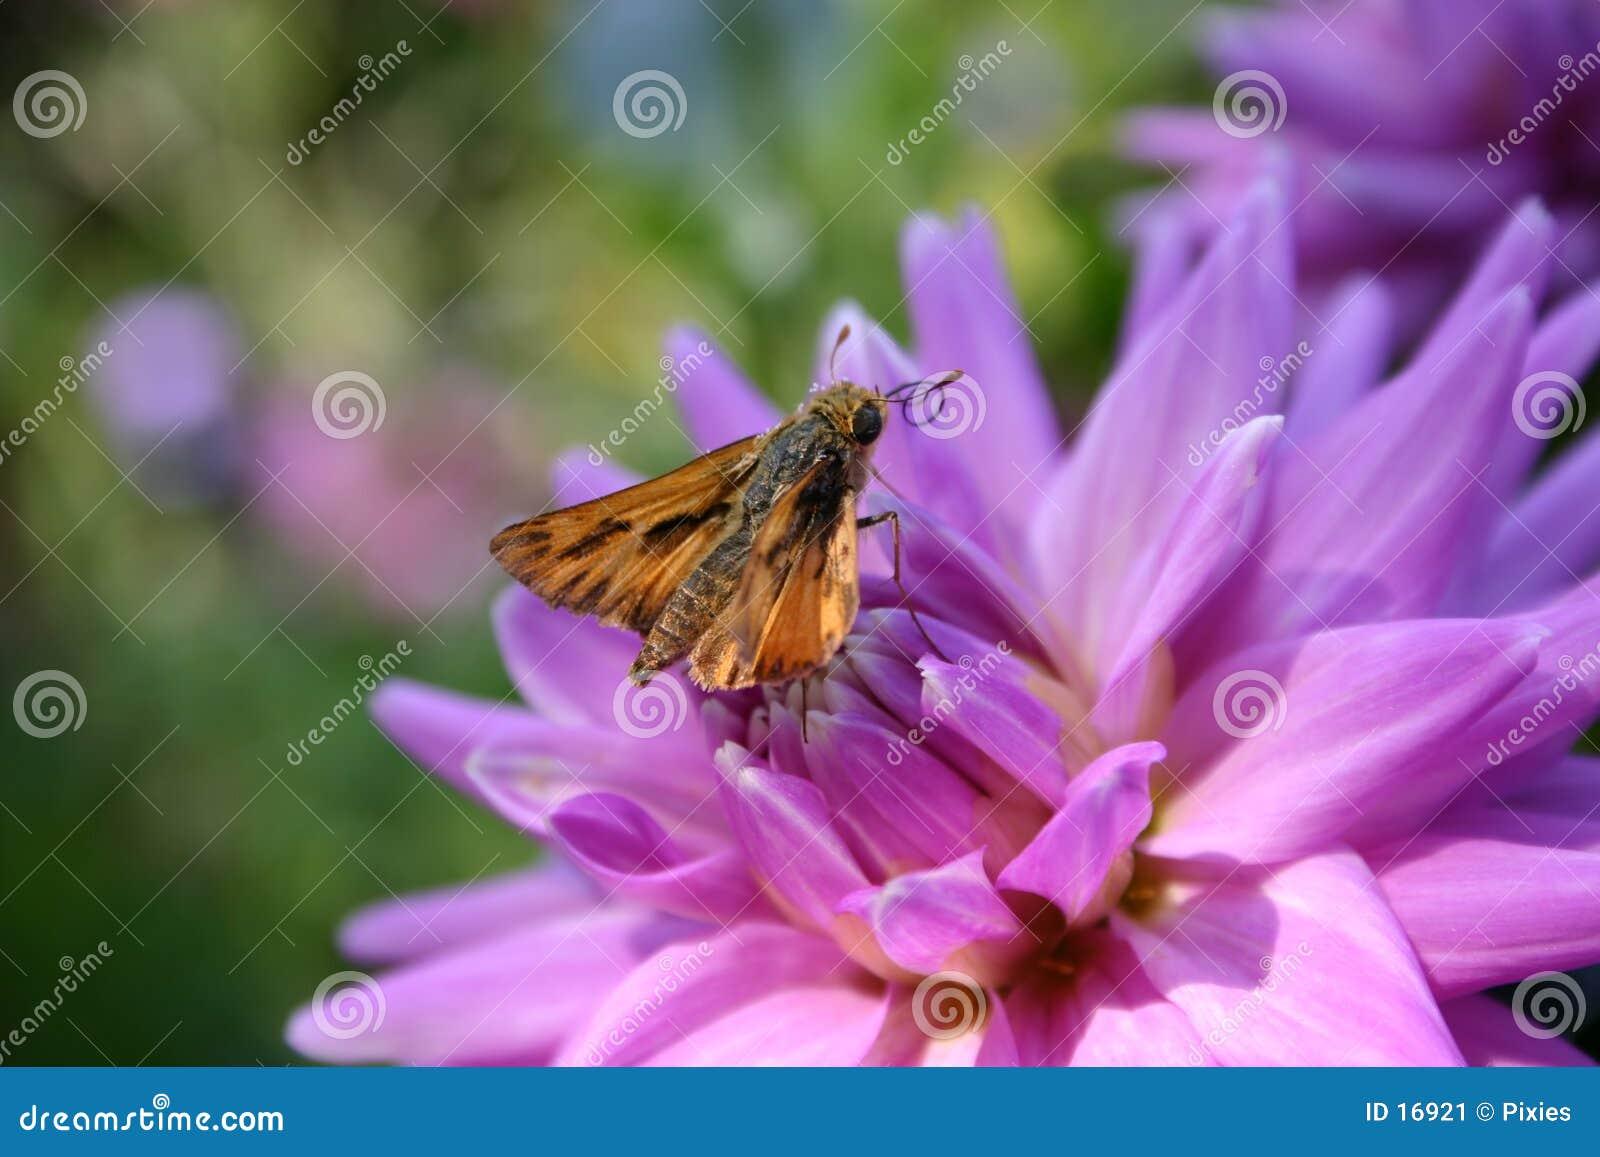 Ooh Nectar